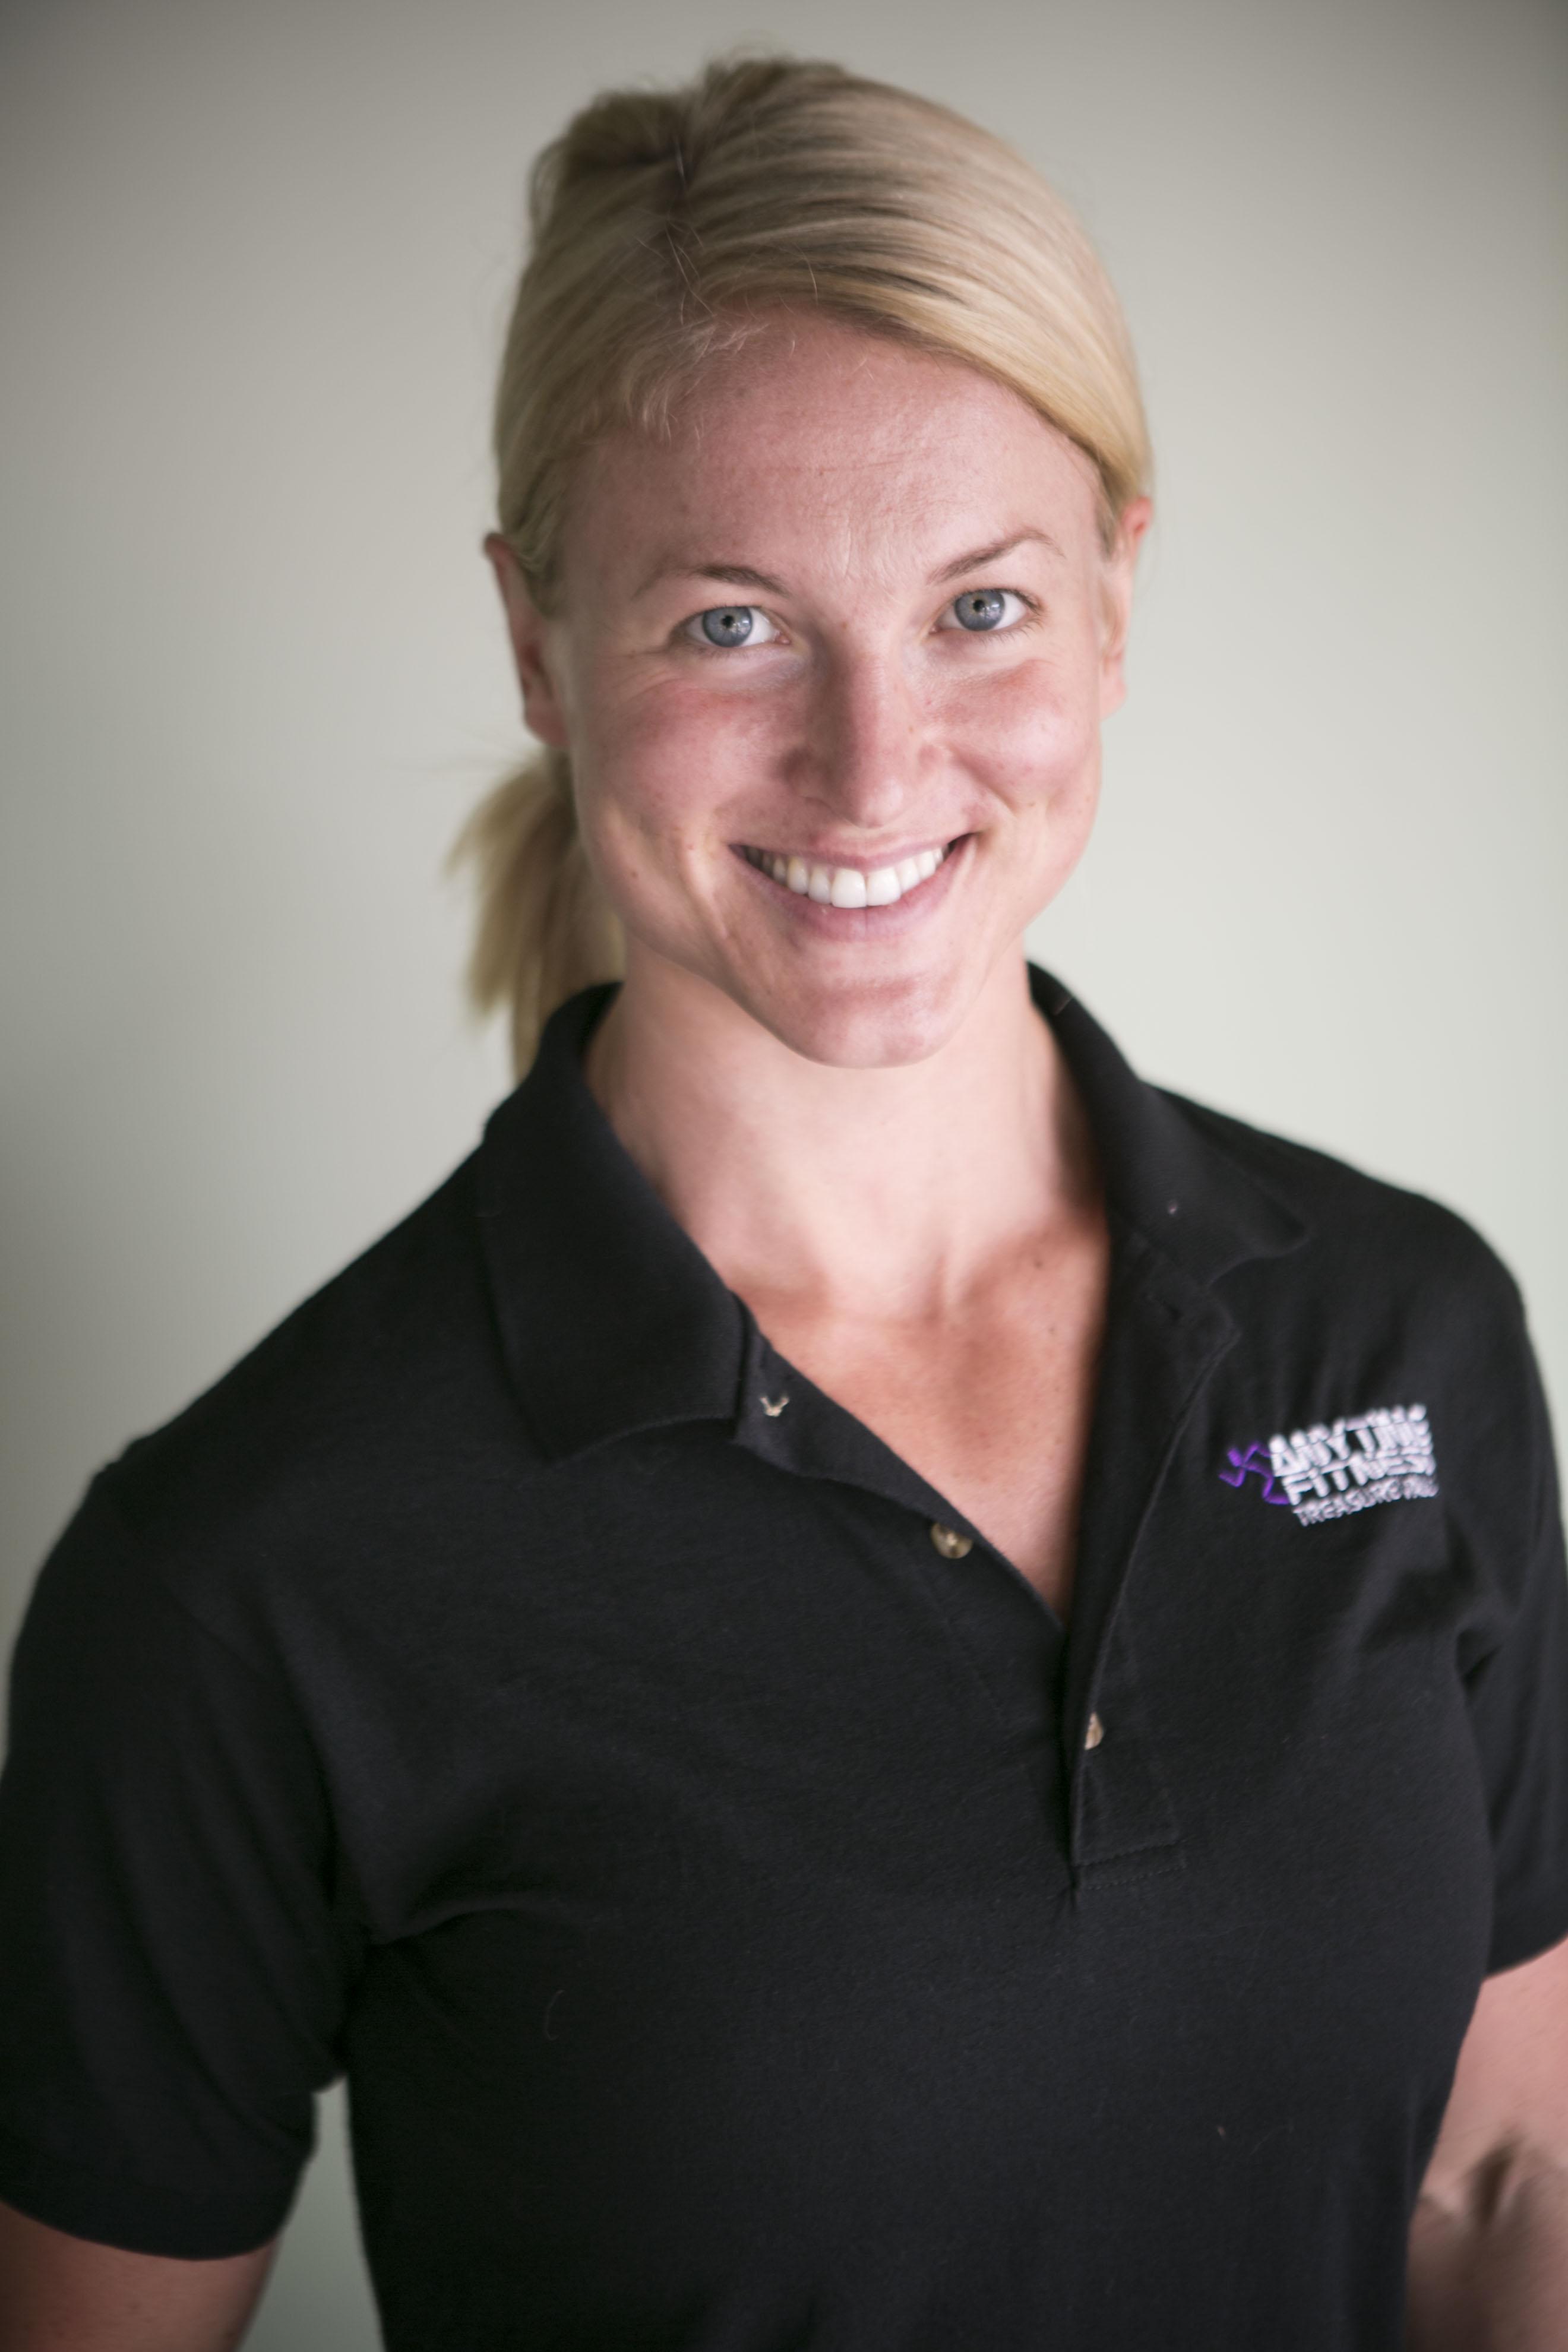 Lauren Ditz